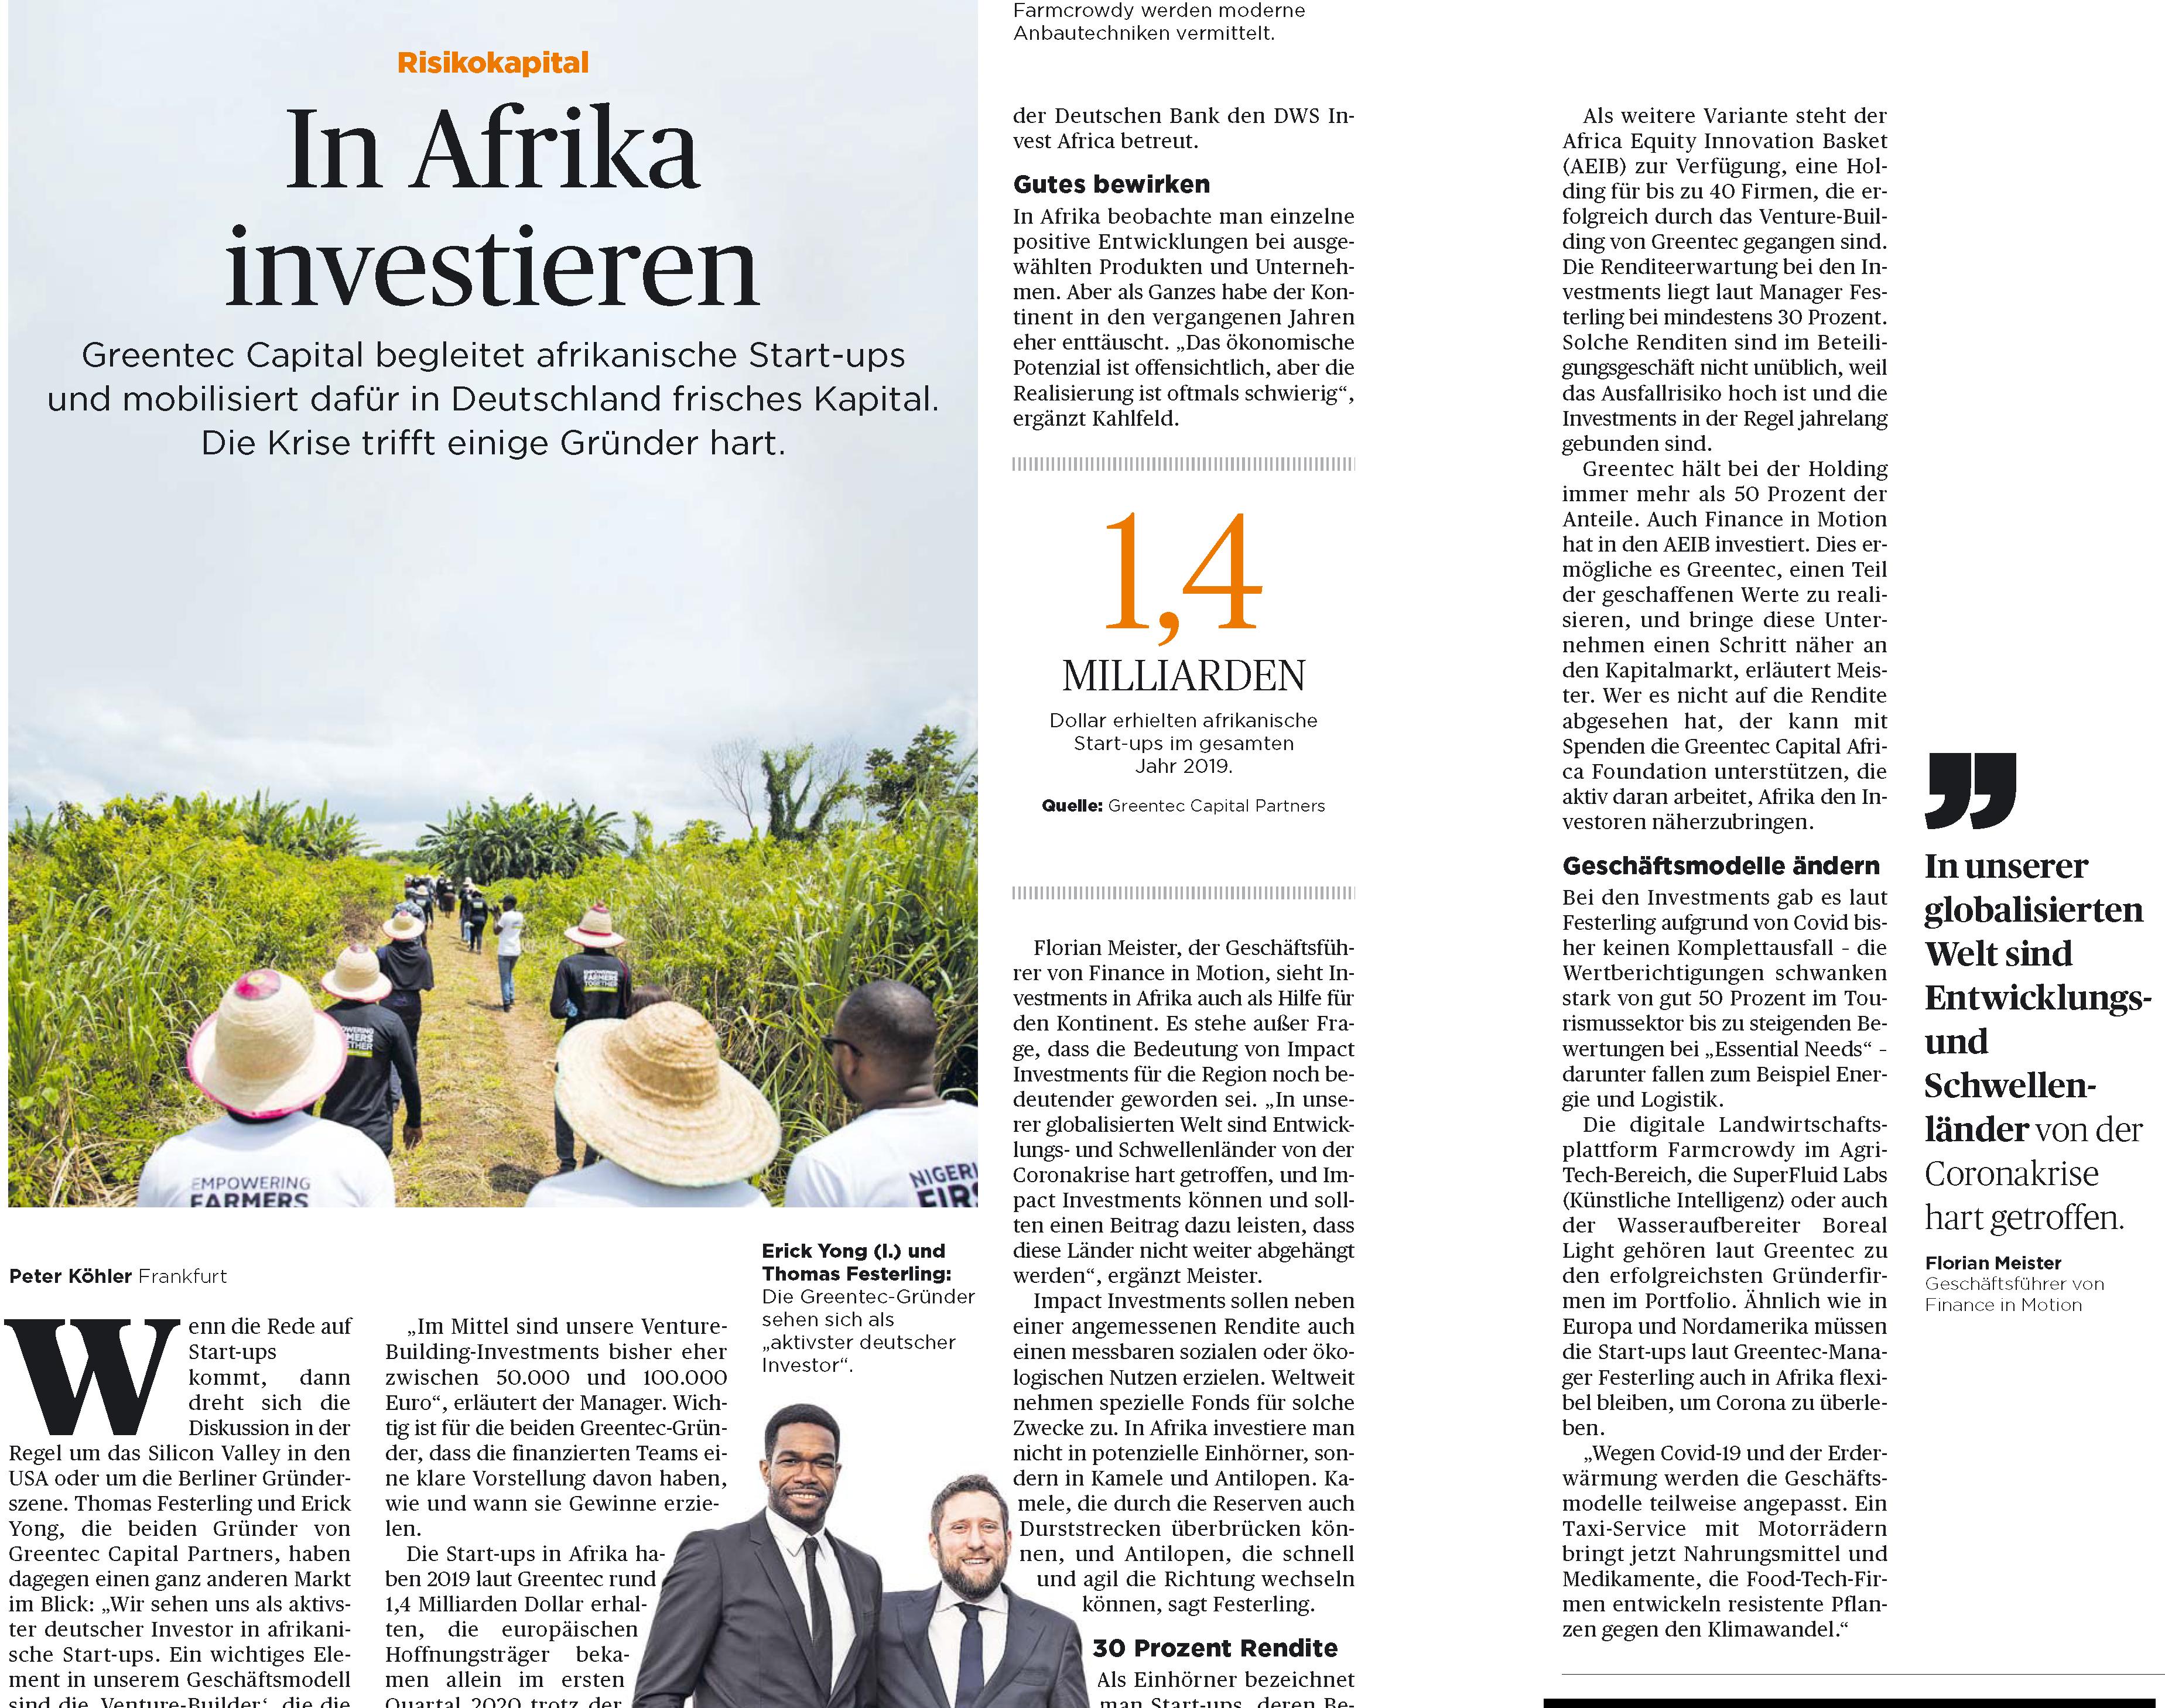 a page from Handelsblatt